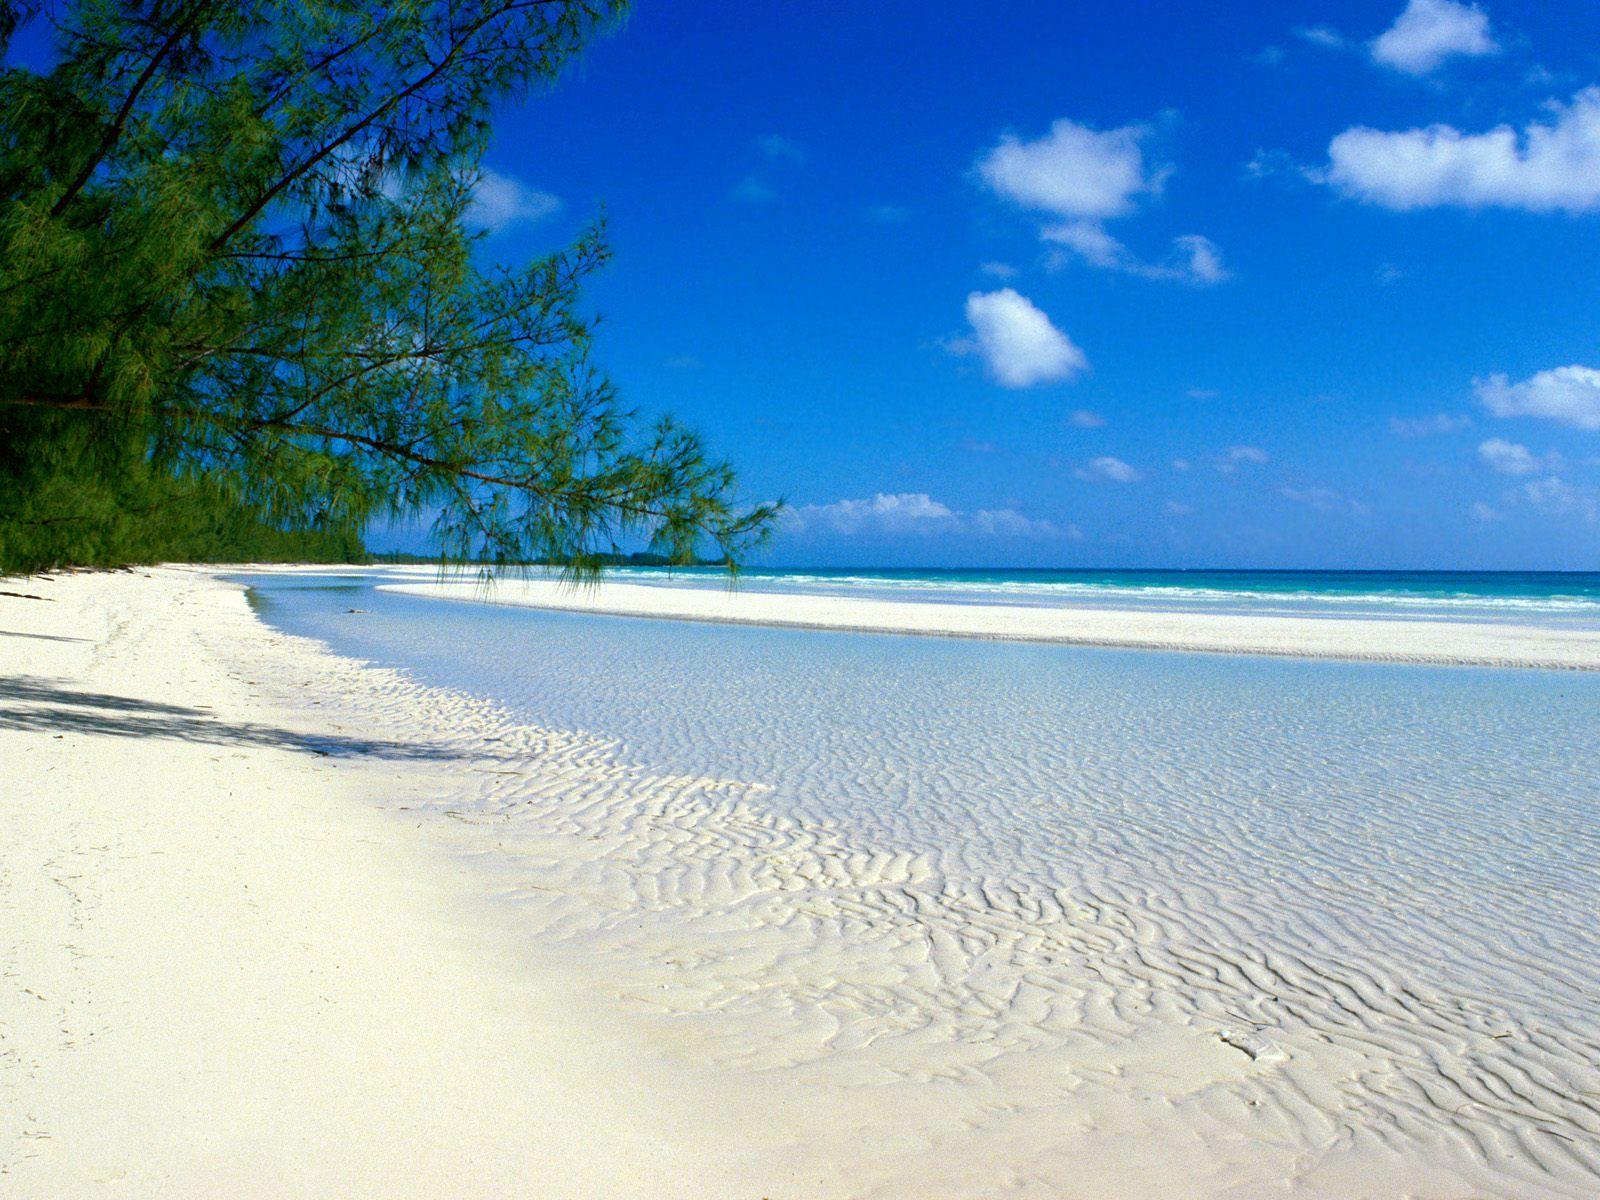 landscape calmin beach backgrounds wallpapersjpg 1600x1200